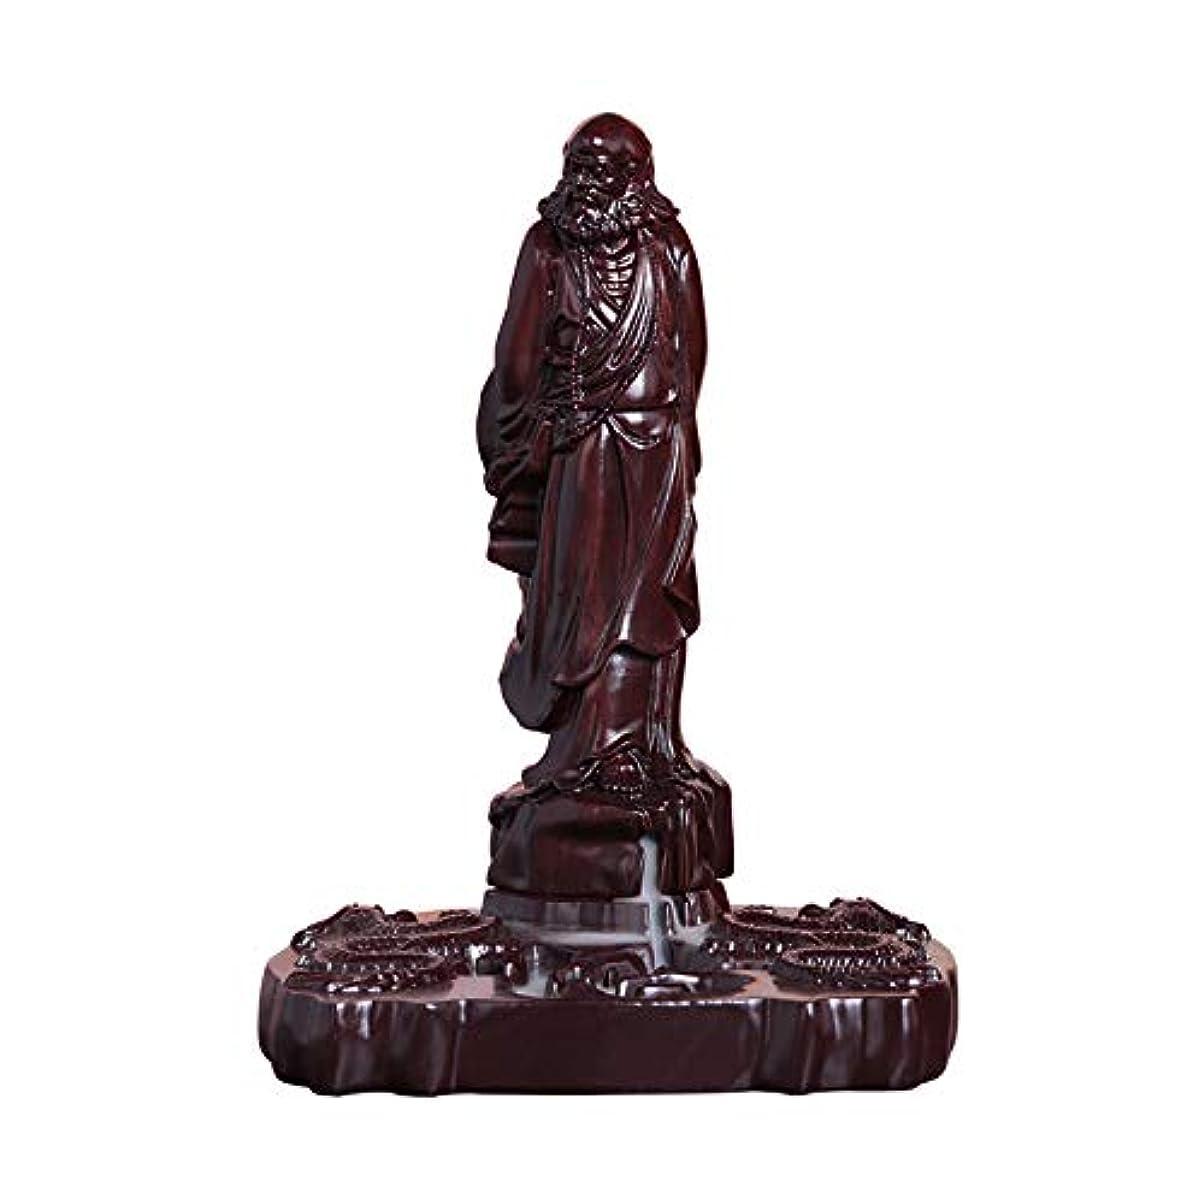 大事にする良心的幸運なPHILOGOD マホガニー香炉 ダルマ 菩提 香立て ダルマ 木彫り工芸品逆流香炉 お香 ホルダー 香皿